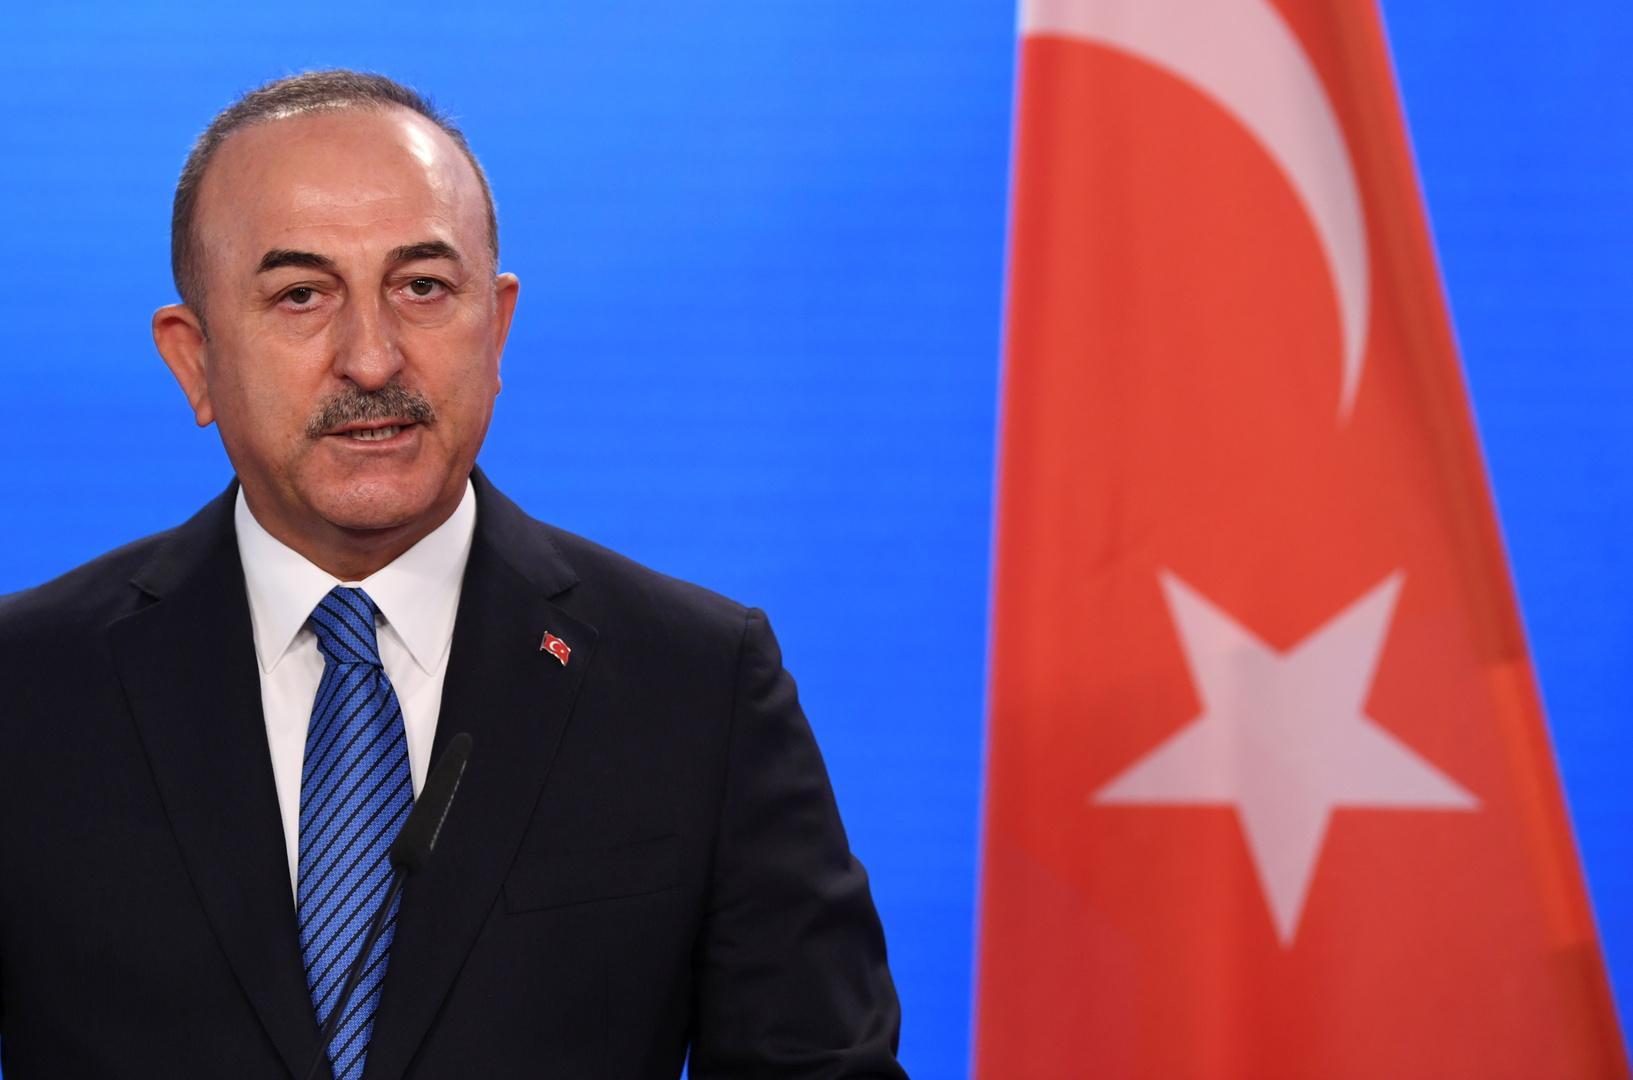 تشاووش أوغلو: تركيا تسعى لاستصدار قرار أممي